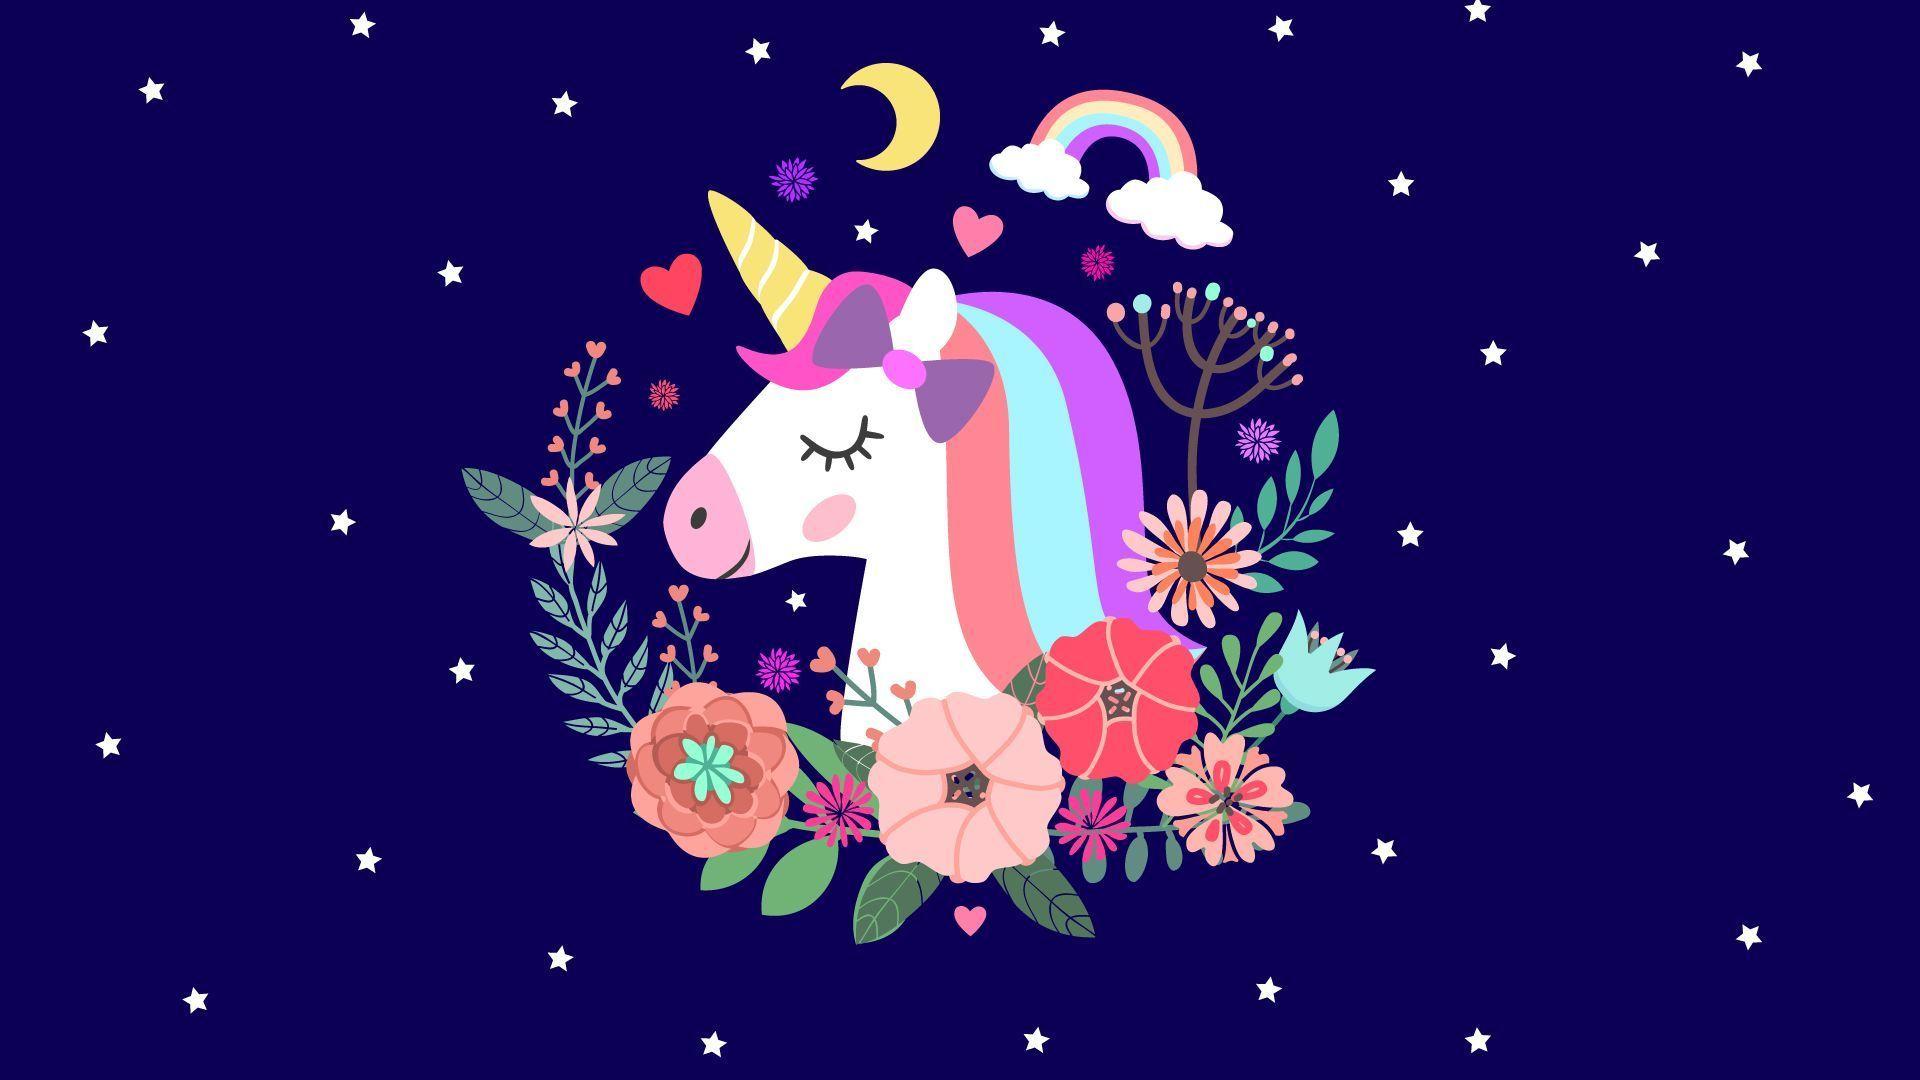 Beautiful Glitter Unicorn Wallpaper